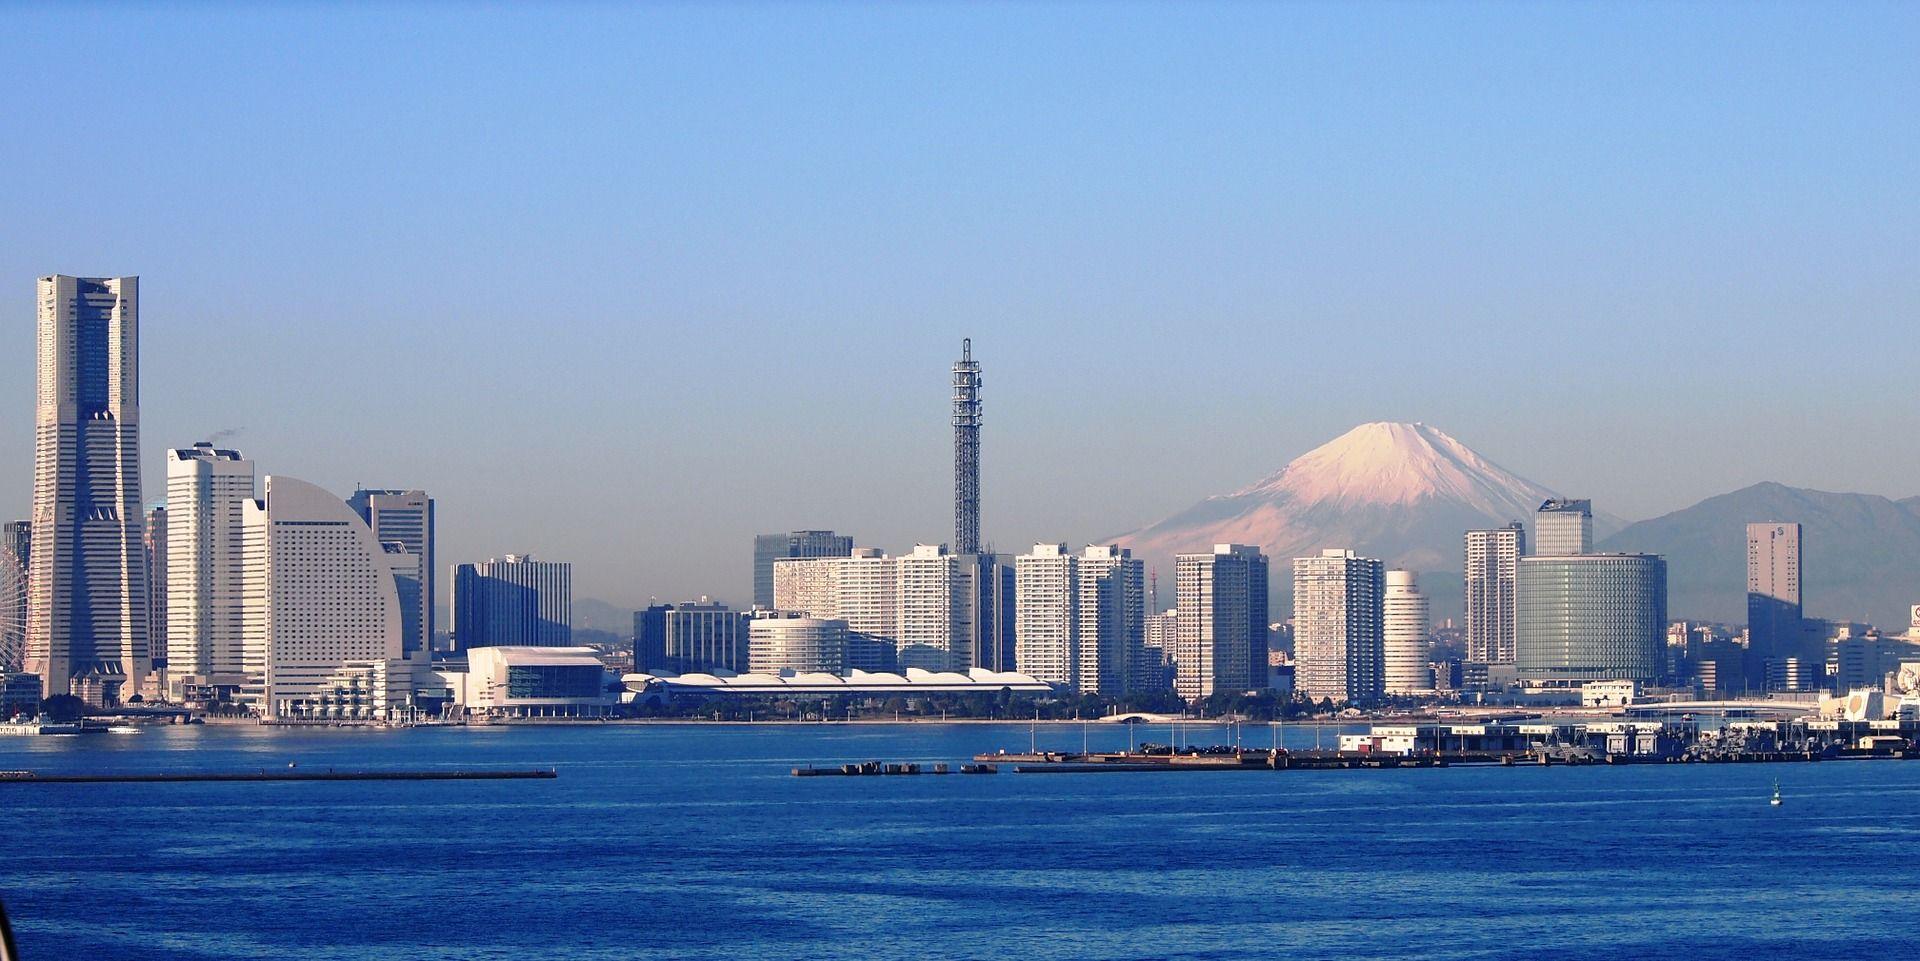 探訪日本之旅 14晚航程(名人 千禧號)